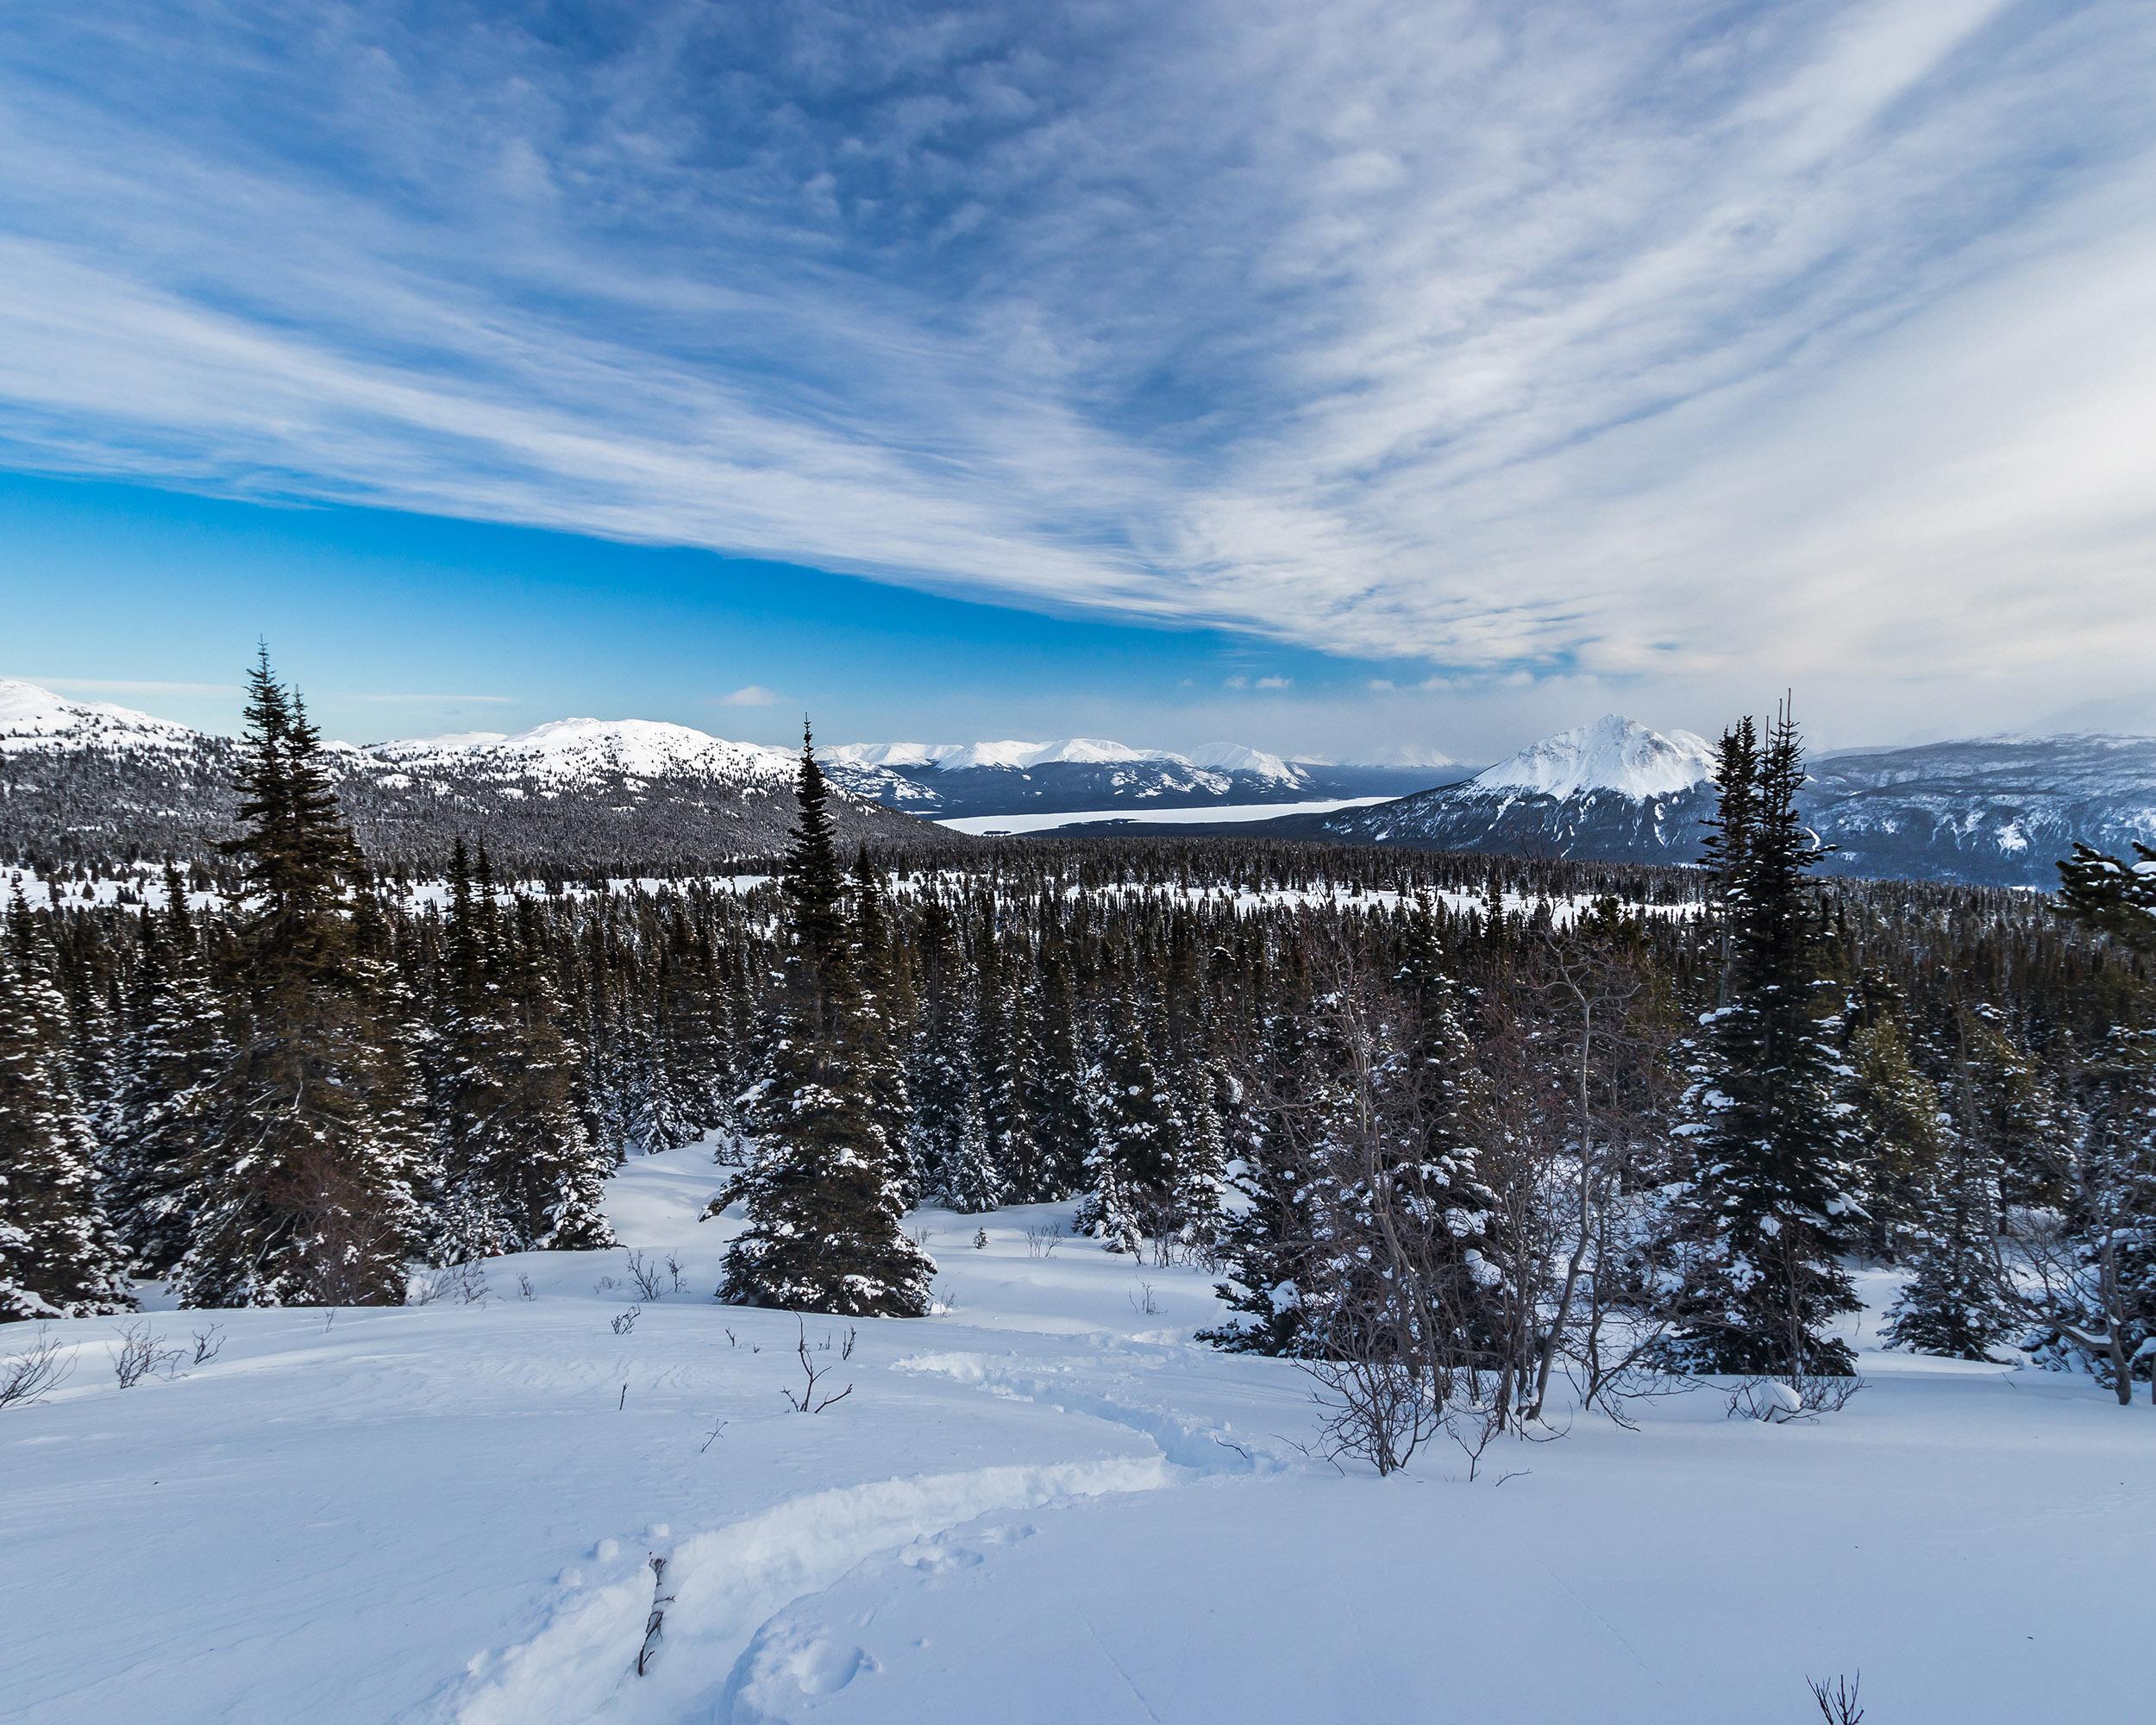 Randonnée en raquette en hiver au Yukon - Marie Naudon